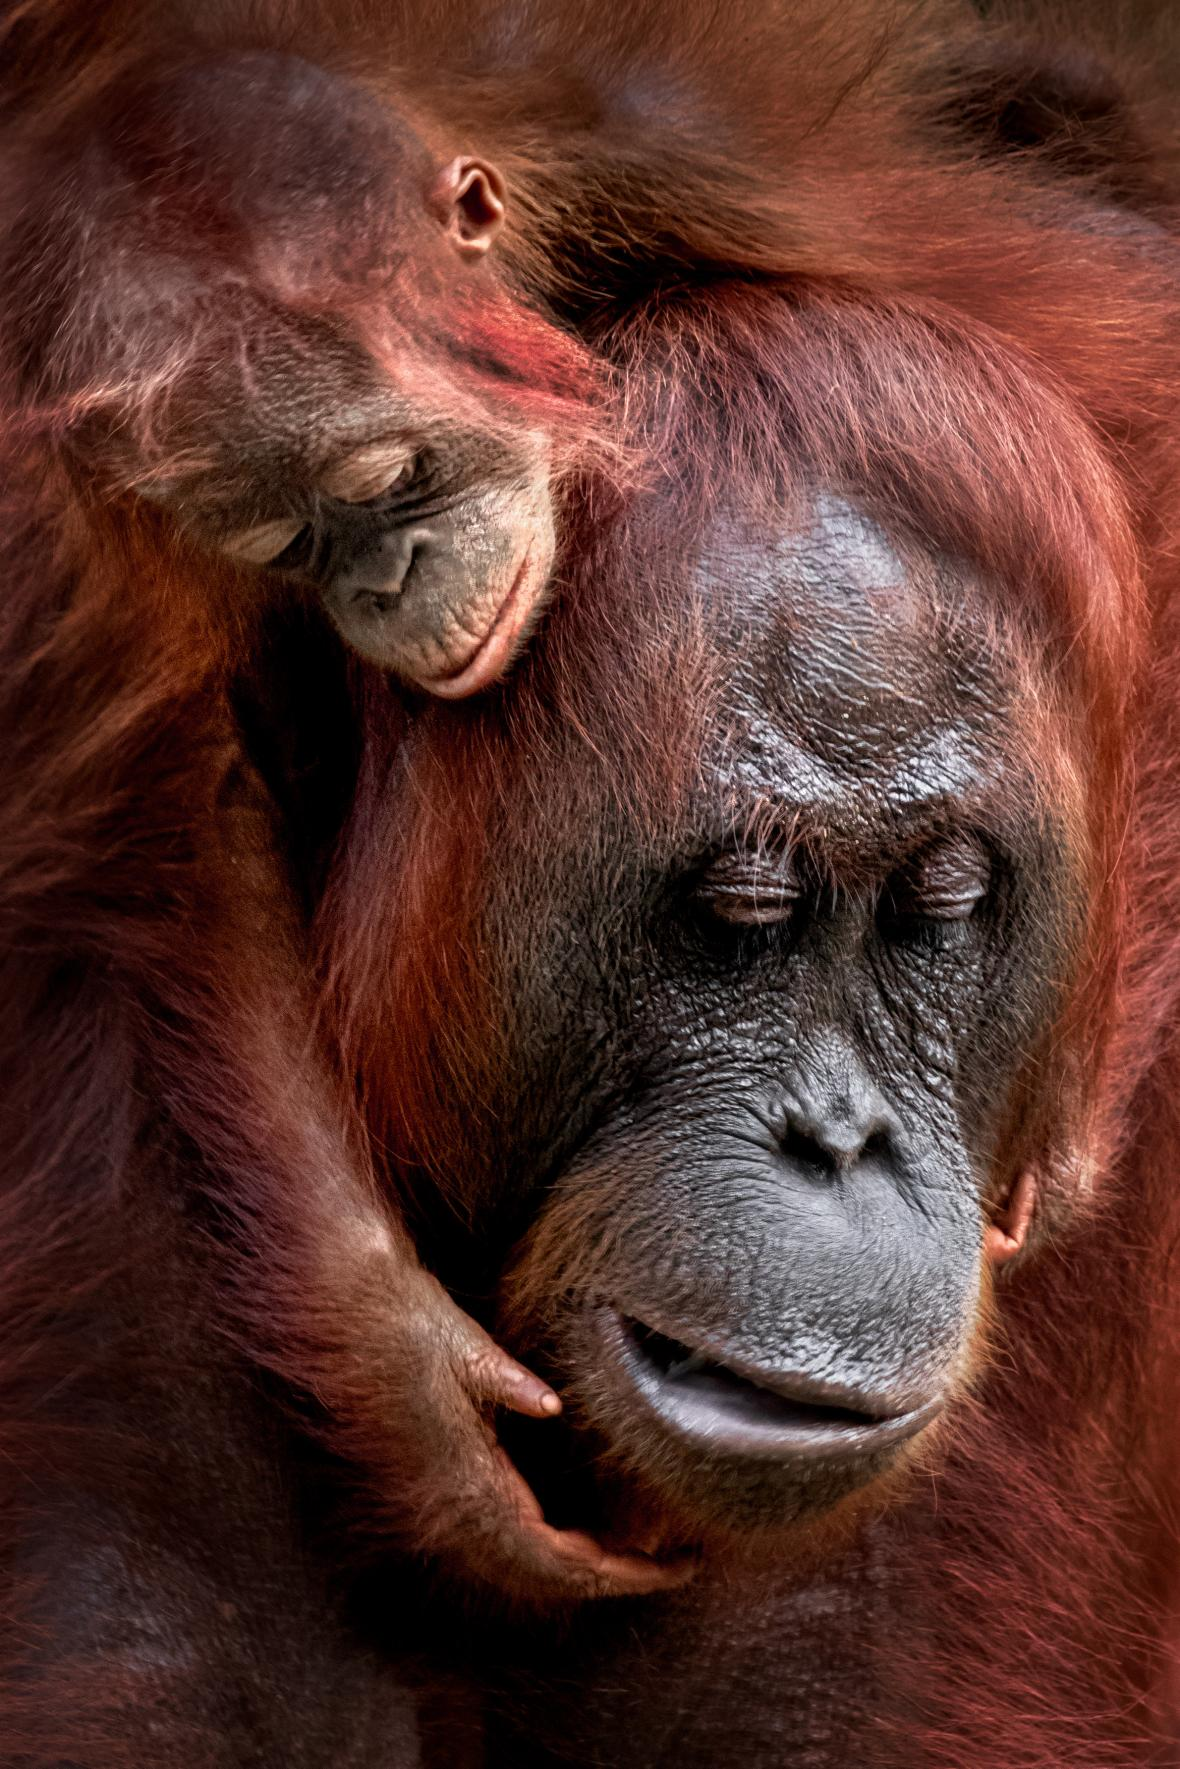 Μια μαμά και ένα μωρό του γένους των ουρακοτάγκων στο Εθνικό Πάρκο Τανγιούνγκ Πούτινγκ στη Βόρνεο της Ινδονησίας. Τα μωρά μένουν με τις μητέρες τους μέχρι να γίνουν επτά ετών, οι οποίες τα κουβαλούν συνεχώς τα πρώτα δύο χρόνια